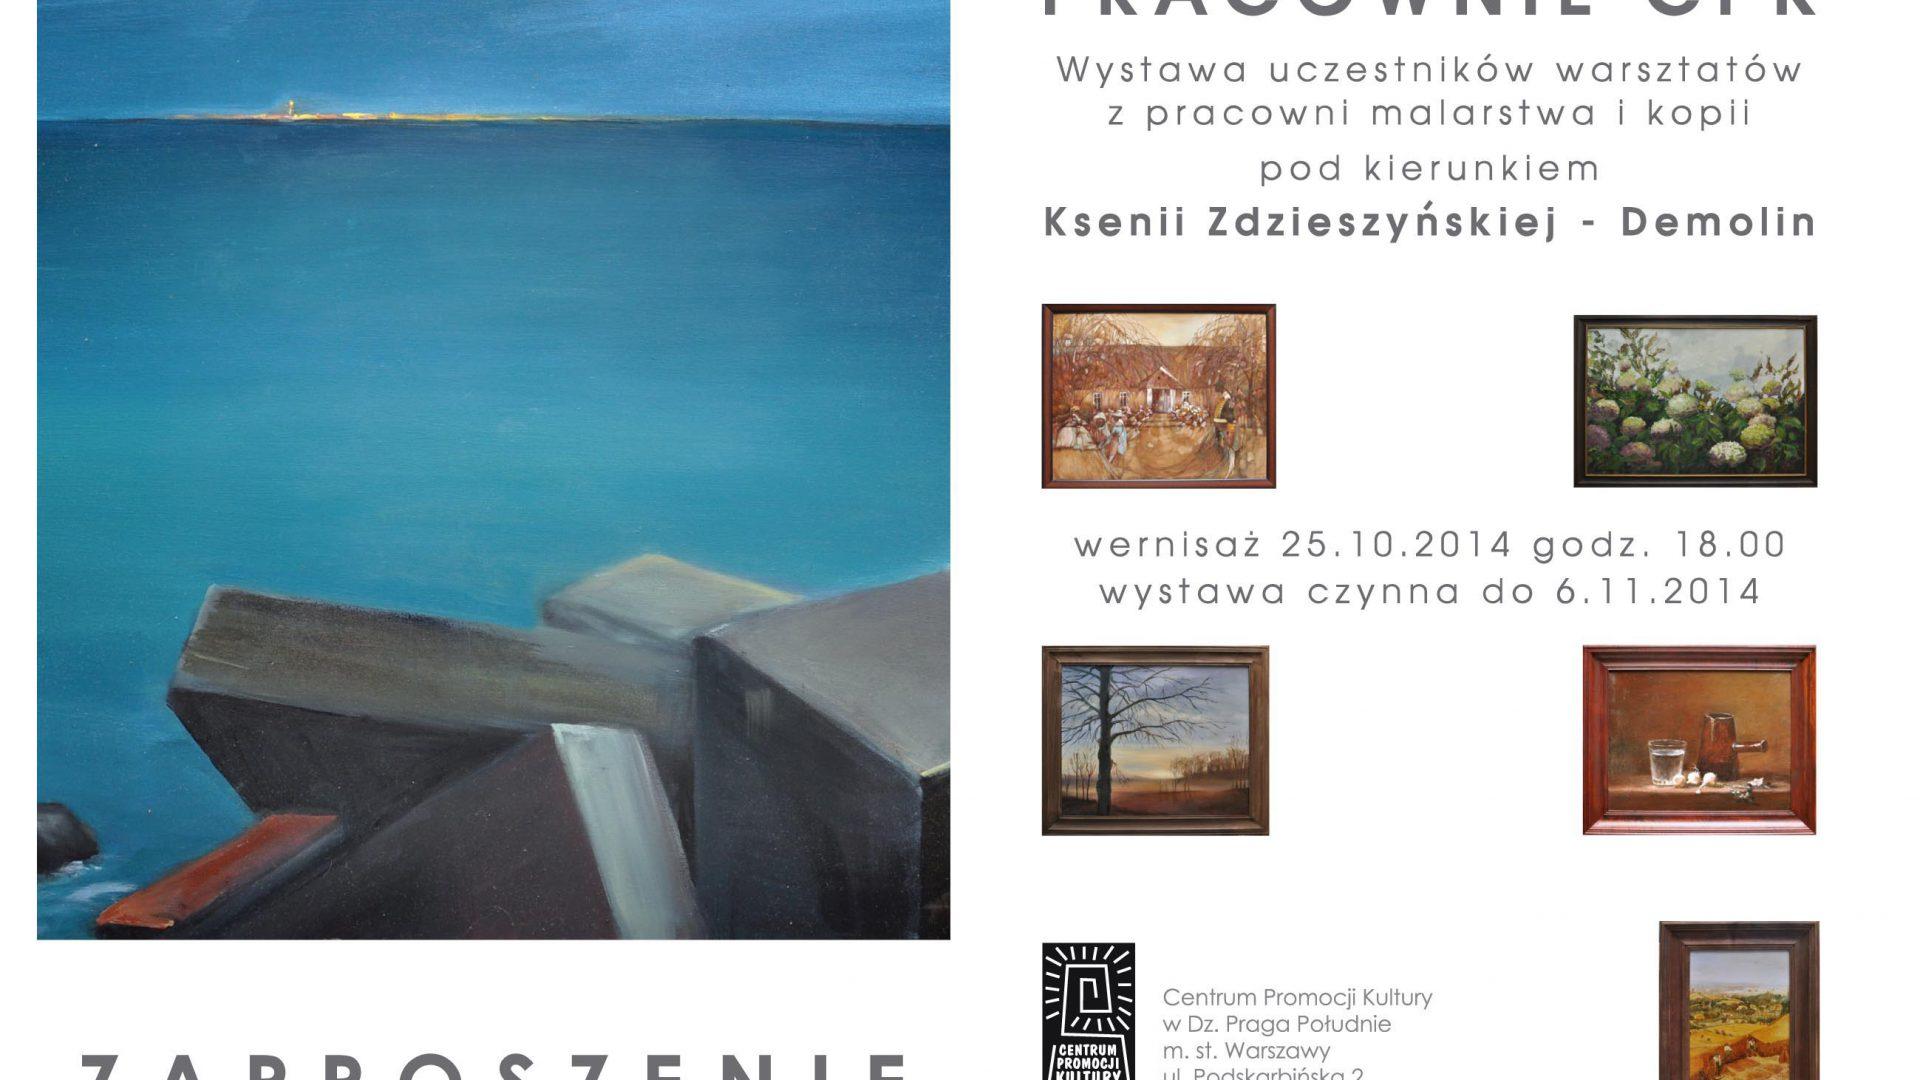 Wystawa prac malarskich pracowni malarstwa i kopii CPK w Warszawie